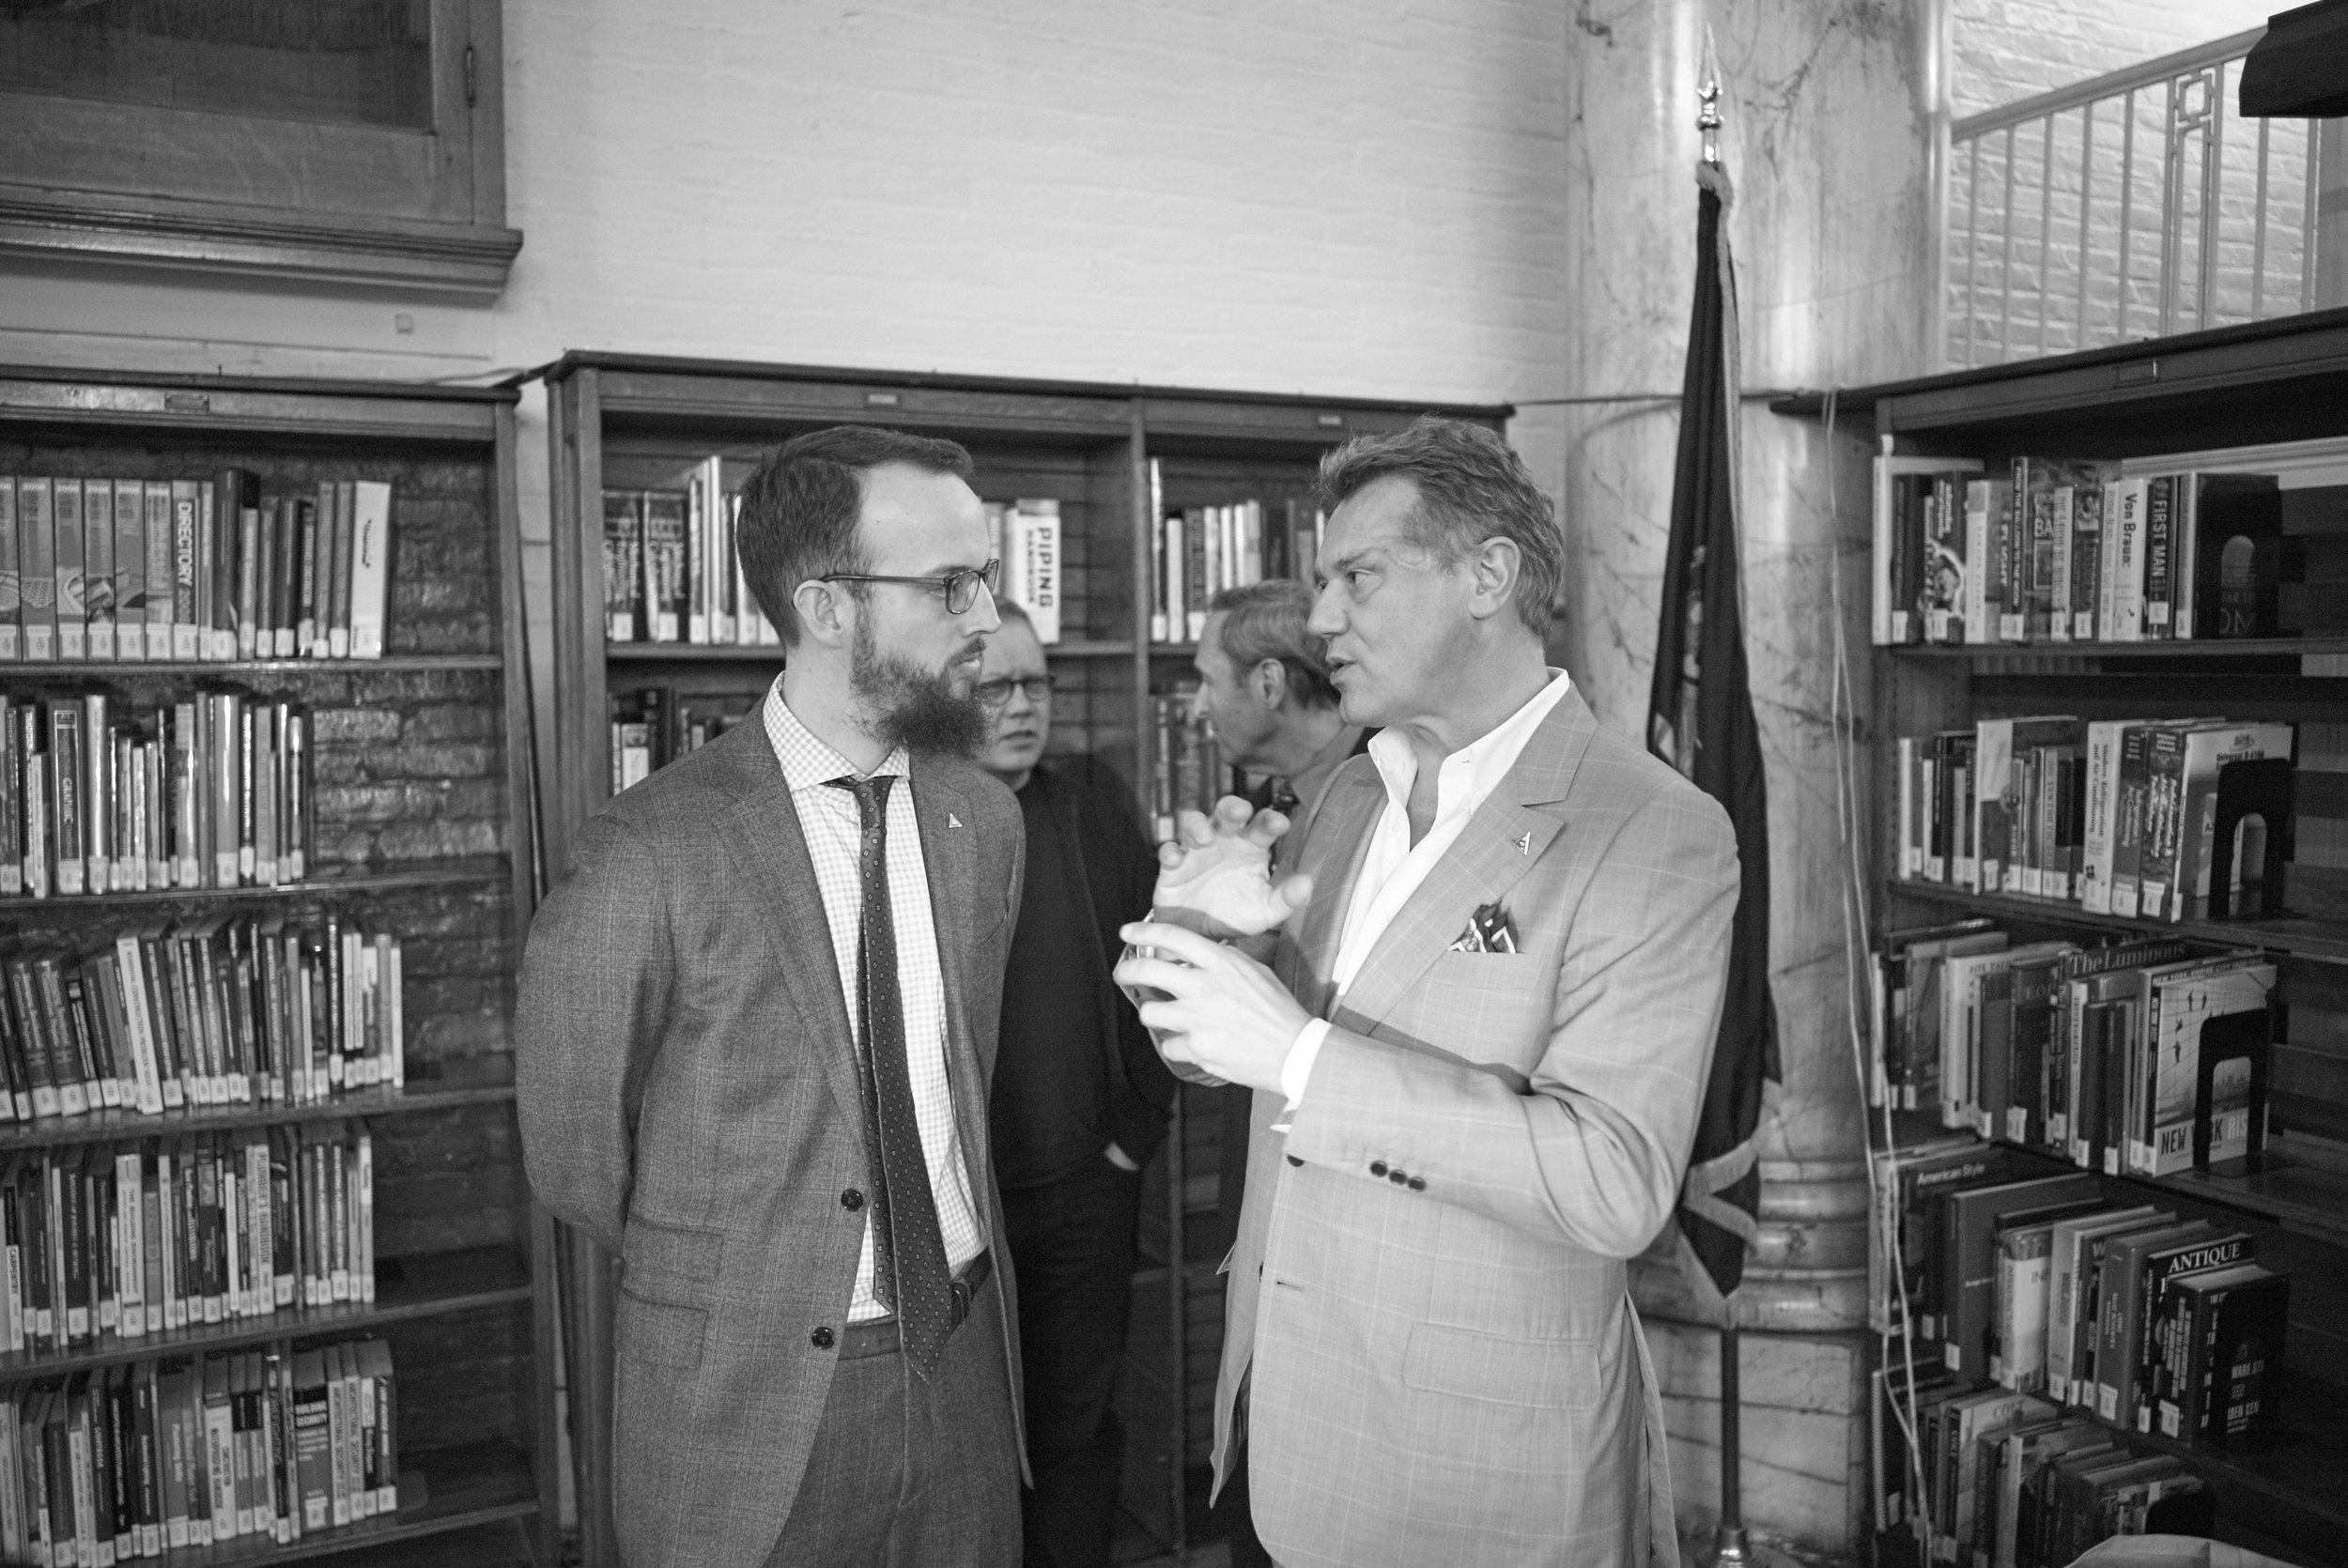 Nicholas Manousos & François-Paul Journe